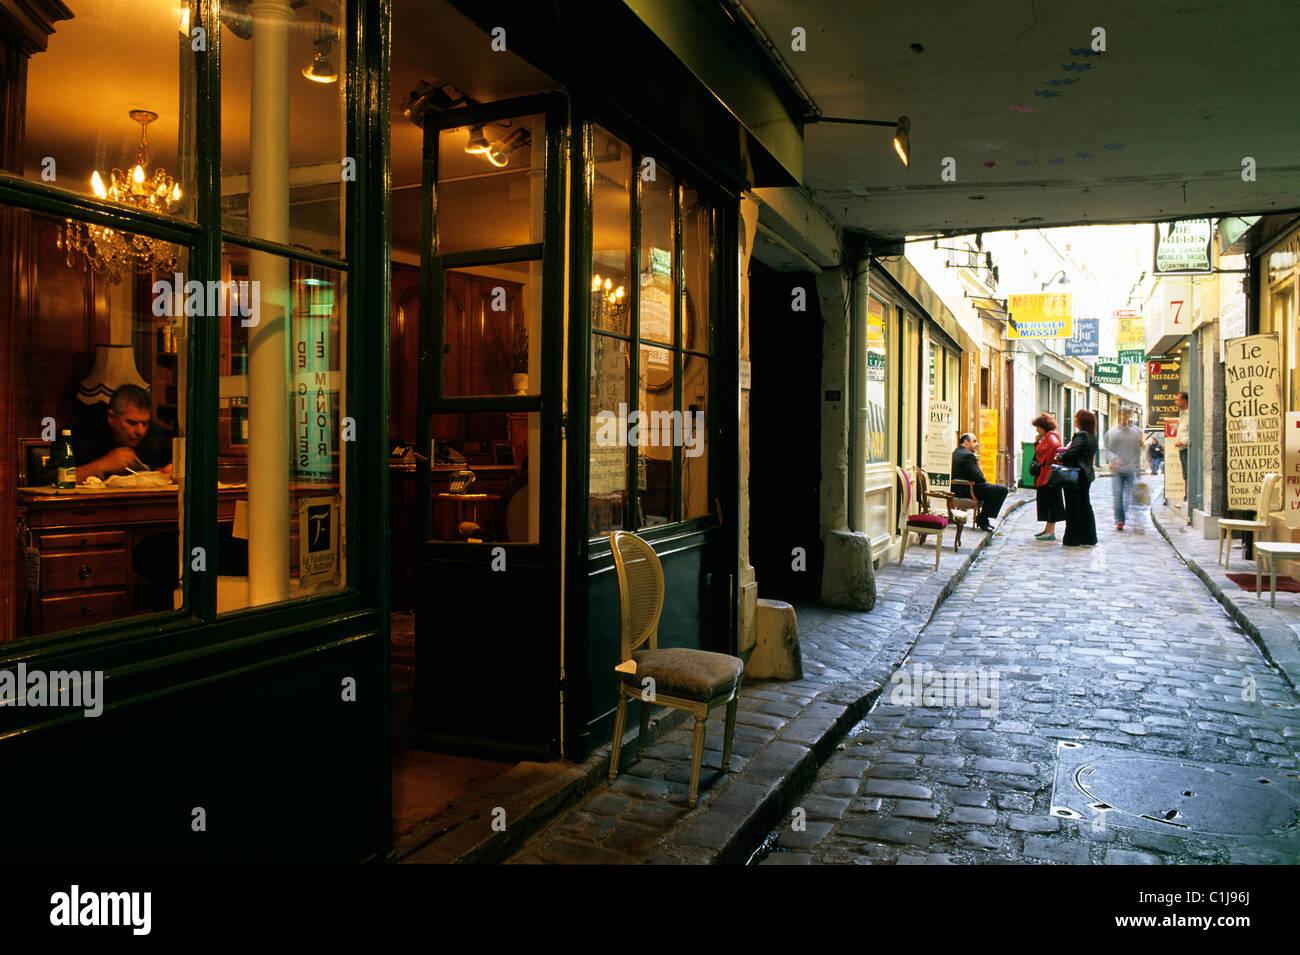 france paris faubourg saint antoine district passage du. Black Bedroom Furniture Sets. Home Design Ideas